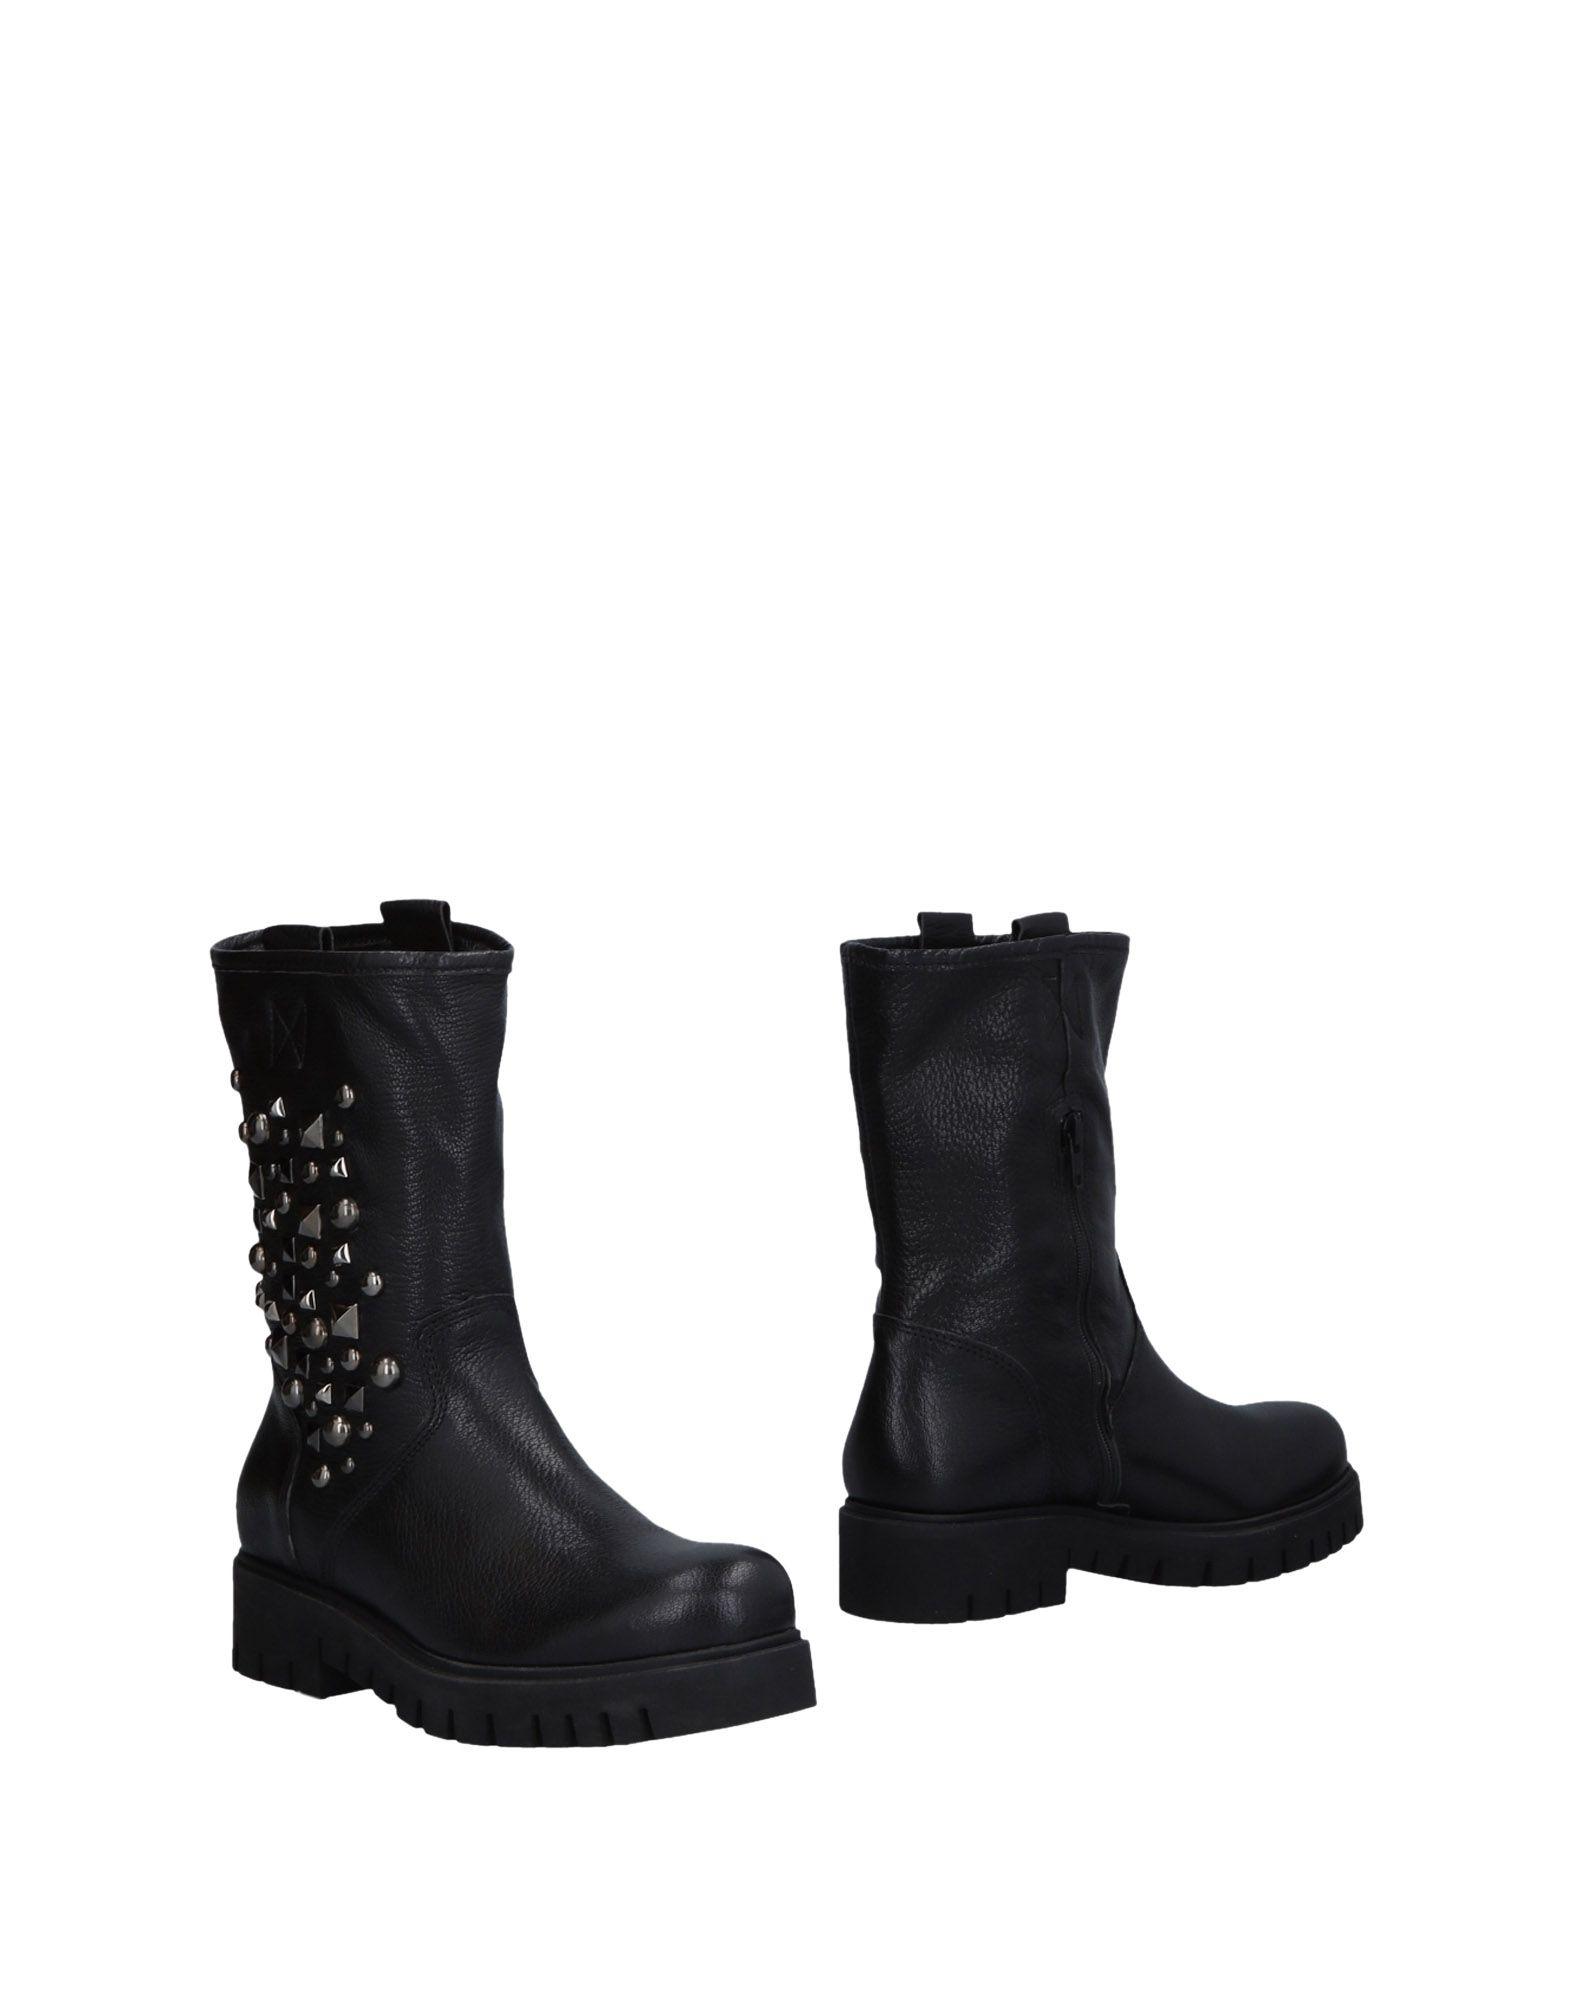 Fabbrica Deicolli Stiefelette Damen  11472019OO Gute Qualität beliebte Schuhe